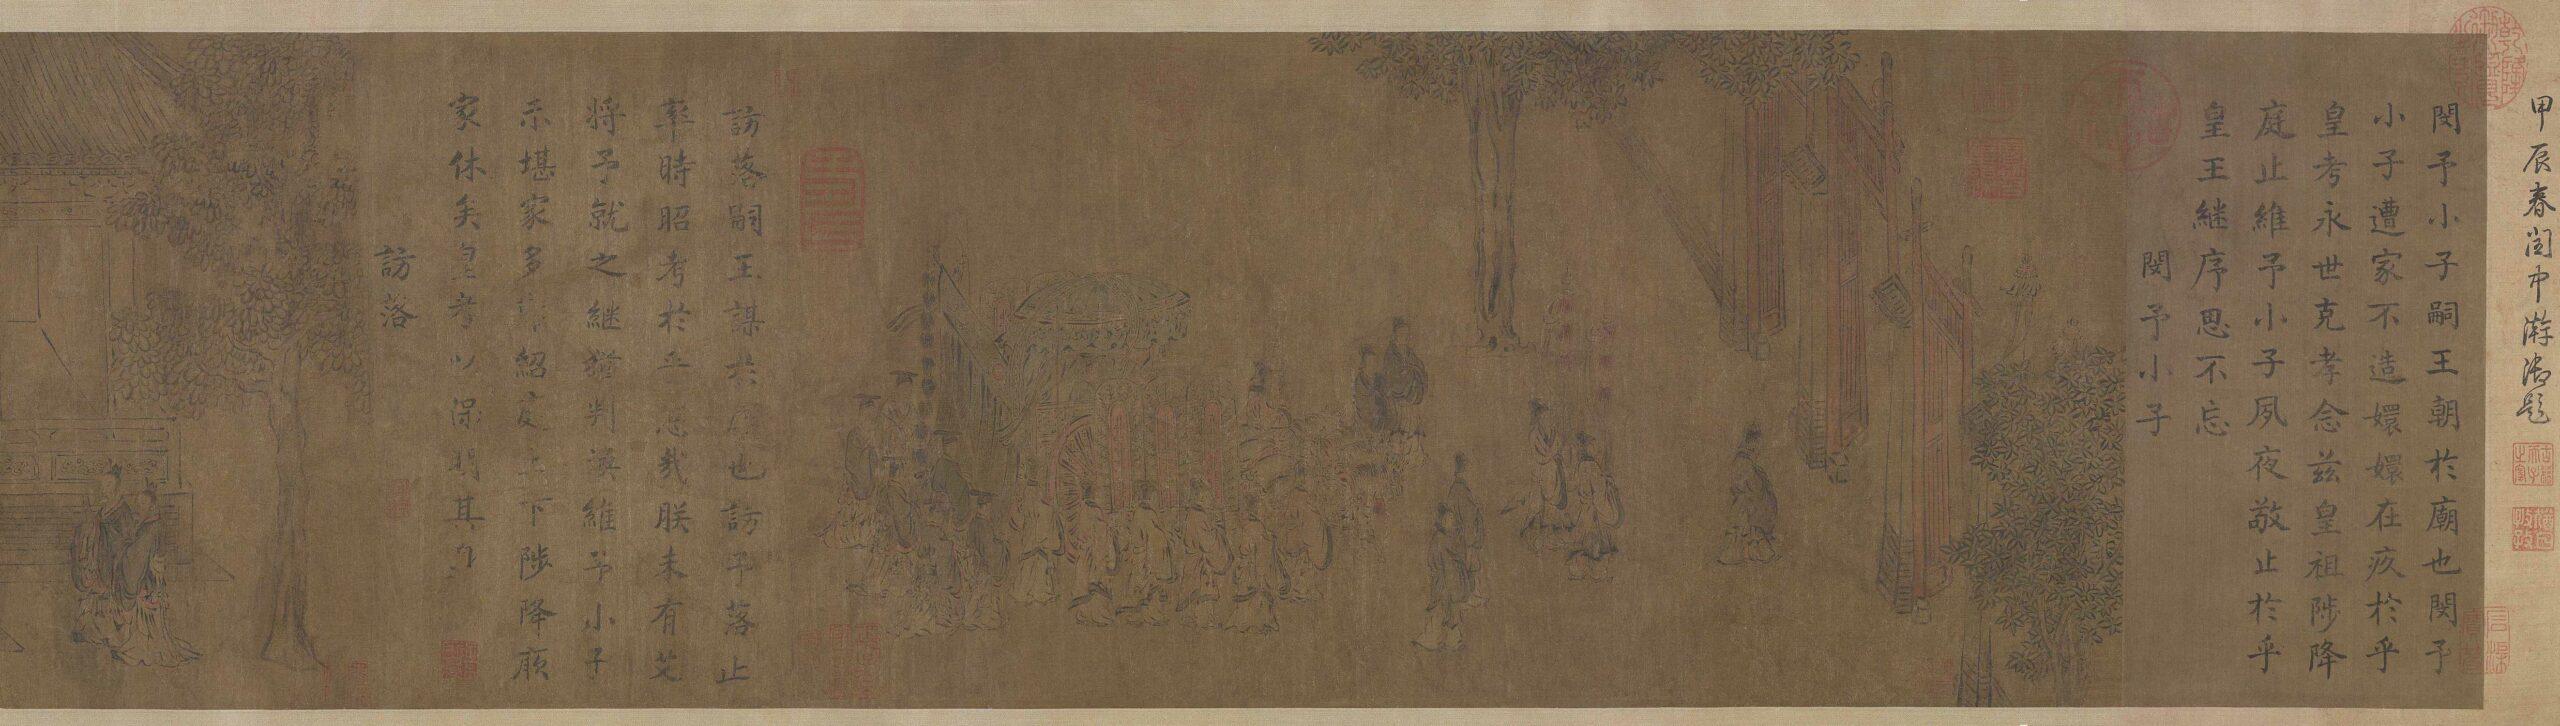 3- « Composition Ode affliction de Yu-petit enfant », par Ma Hezhi, célèbre peintre de l'ère Shaoxing (1131-1162) des Song du Sud ; illustre le système des rites et de la musique du début des Zhou Occidentaux enregistré dans le Classique de la poésie (Shijing), livre « Éloges de Zhou ».